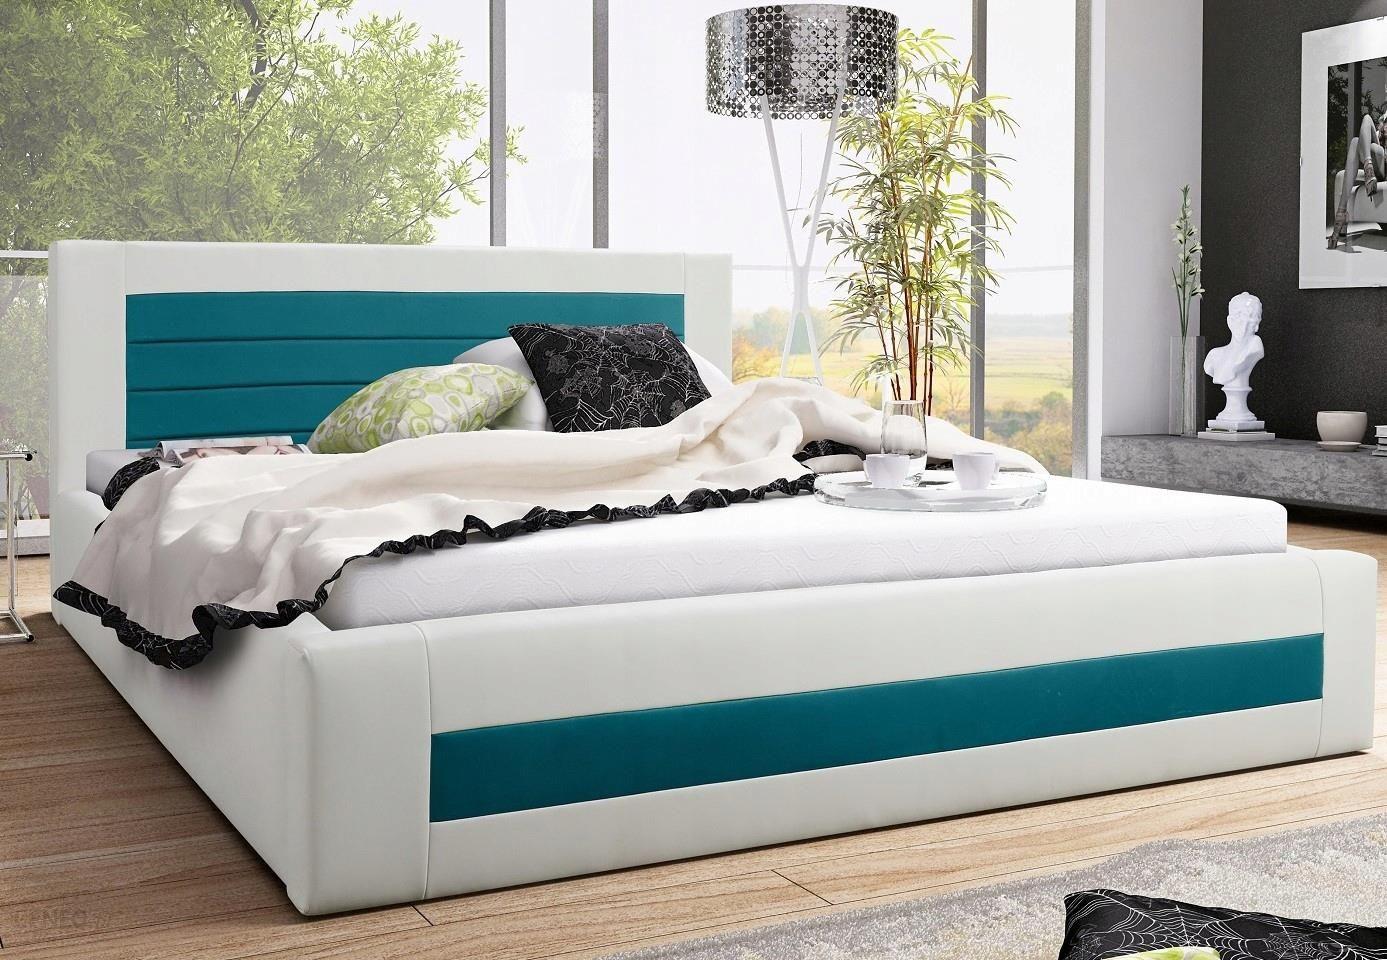 łóżko Tapicerowane łoże Sypialniane Stelaż 200x200 Opinie I Atrakcyjne Ceny Na Ceneopl